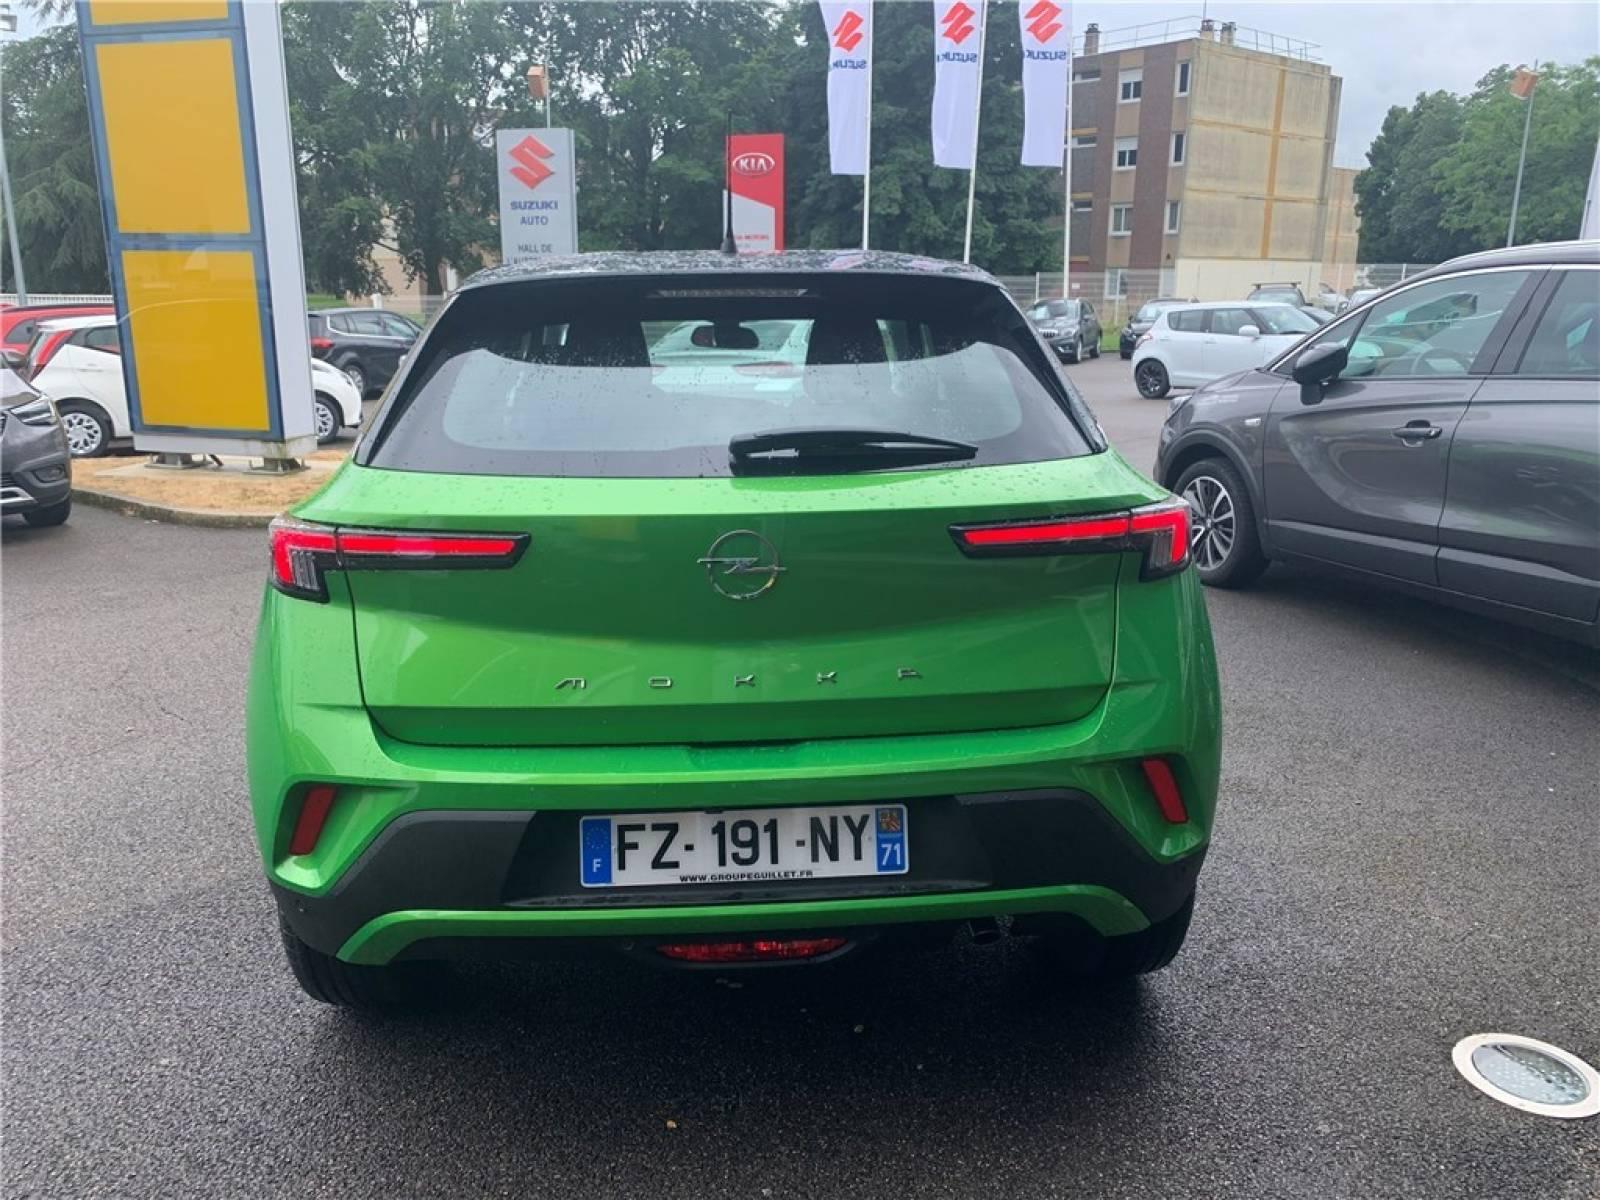 OPEL Mokka 1.2 Turbo 100 ch BVM6 - véhicule d'occasion - Groupe Guillet - Opel Magicauto - Montceau-les-Mines - 71300 - Montceau-les-Mines - 6